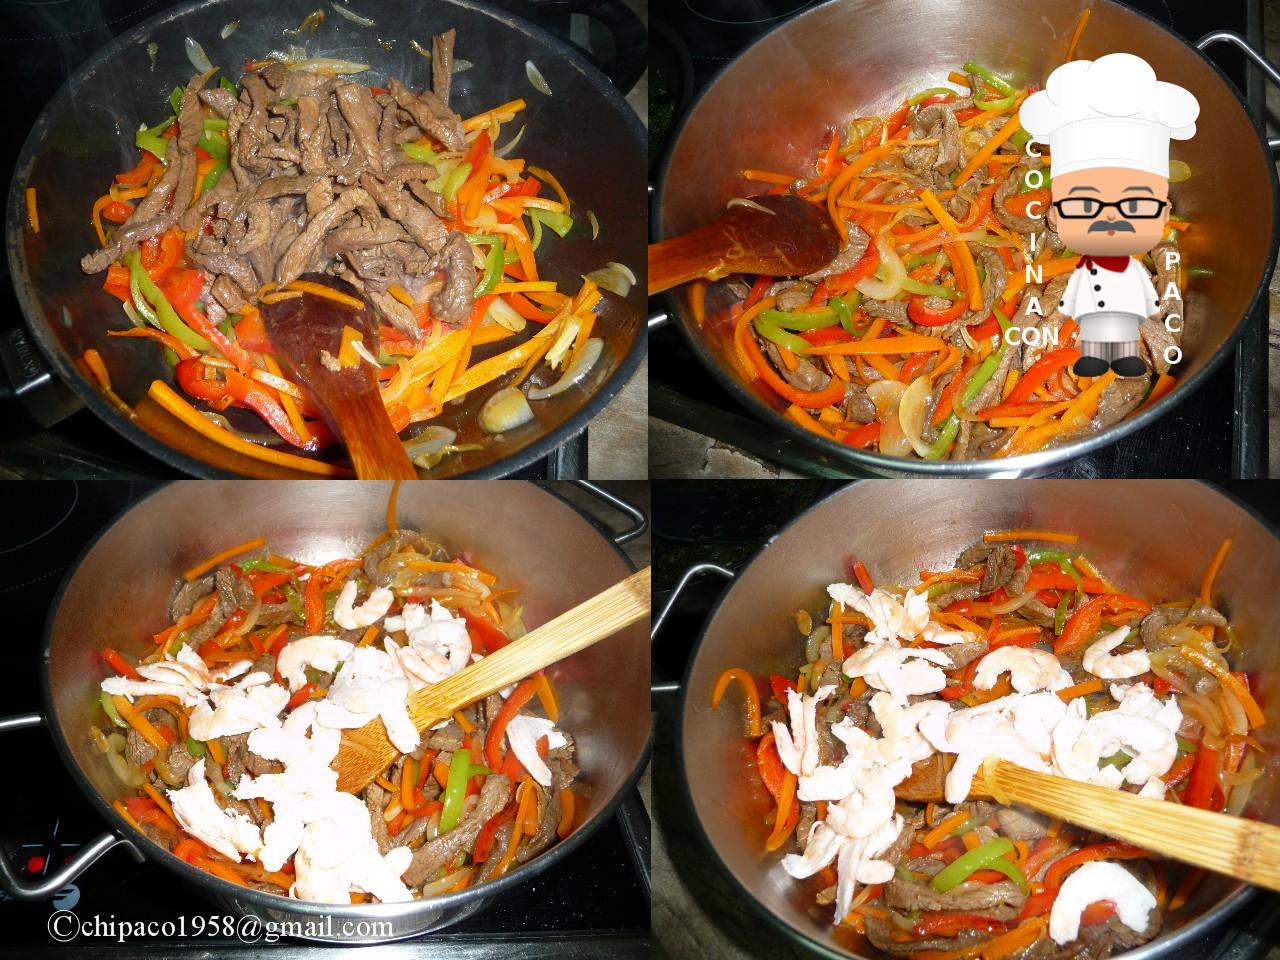 Cocina con paco tallarines tres delicias - Cocina con paco ...